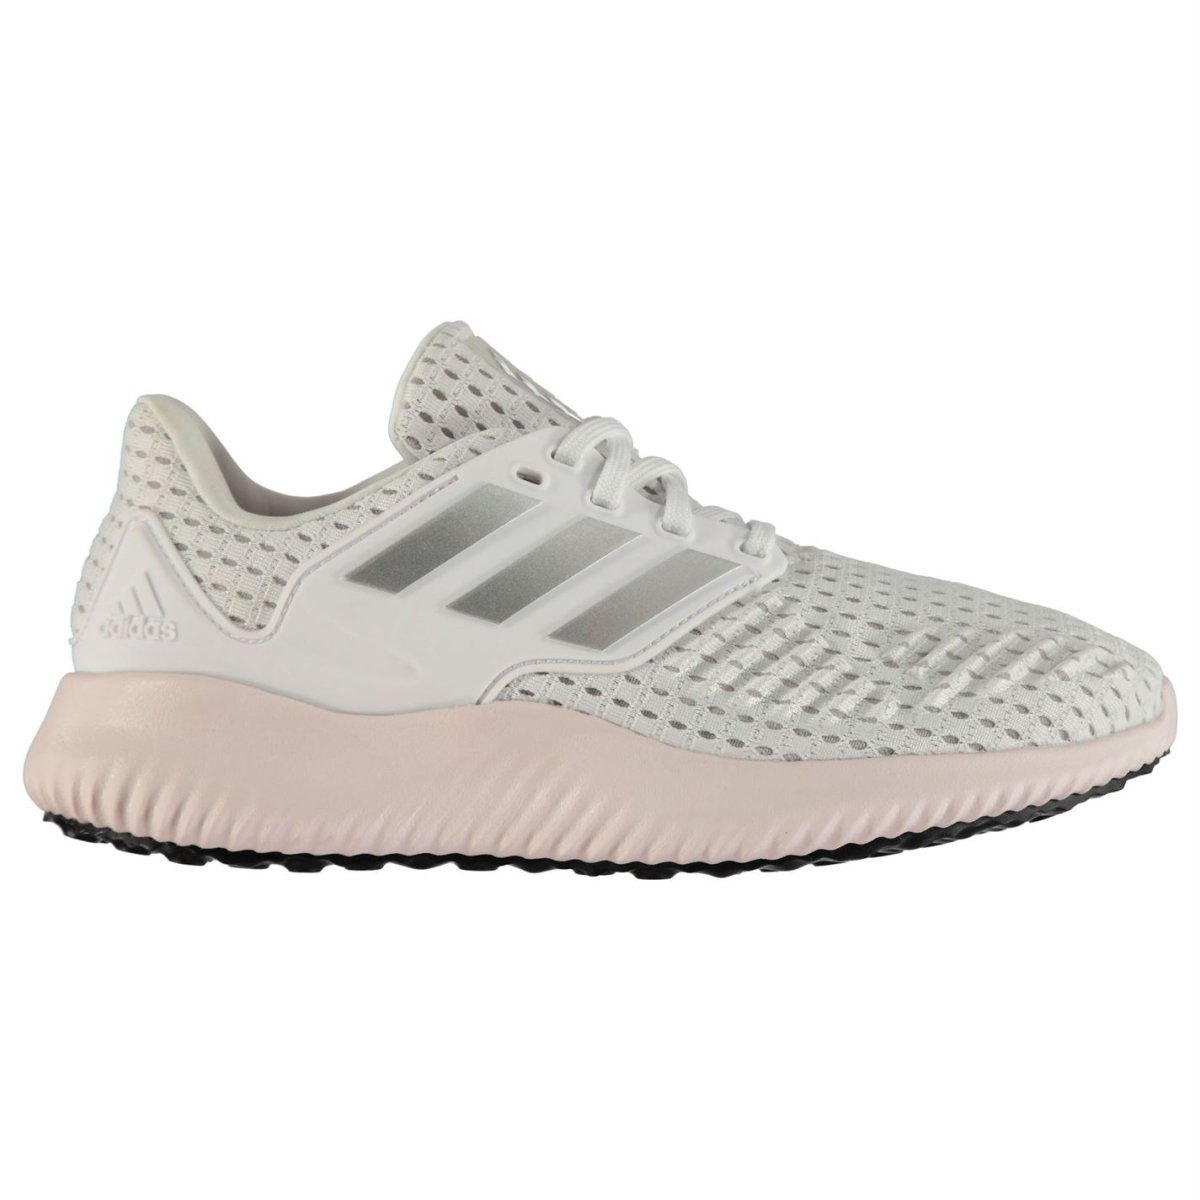 adidas Damen Laufschuhe Alpha Bounce Rc Wht_Silv_Pink